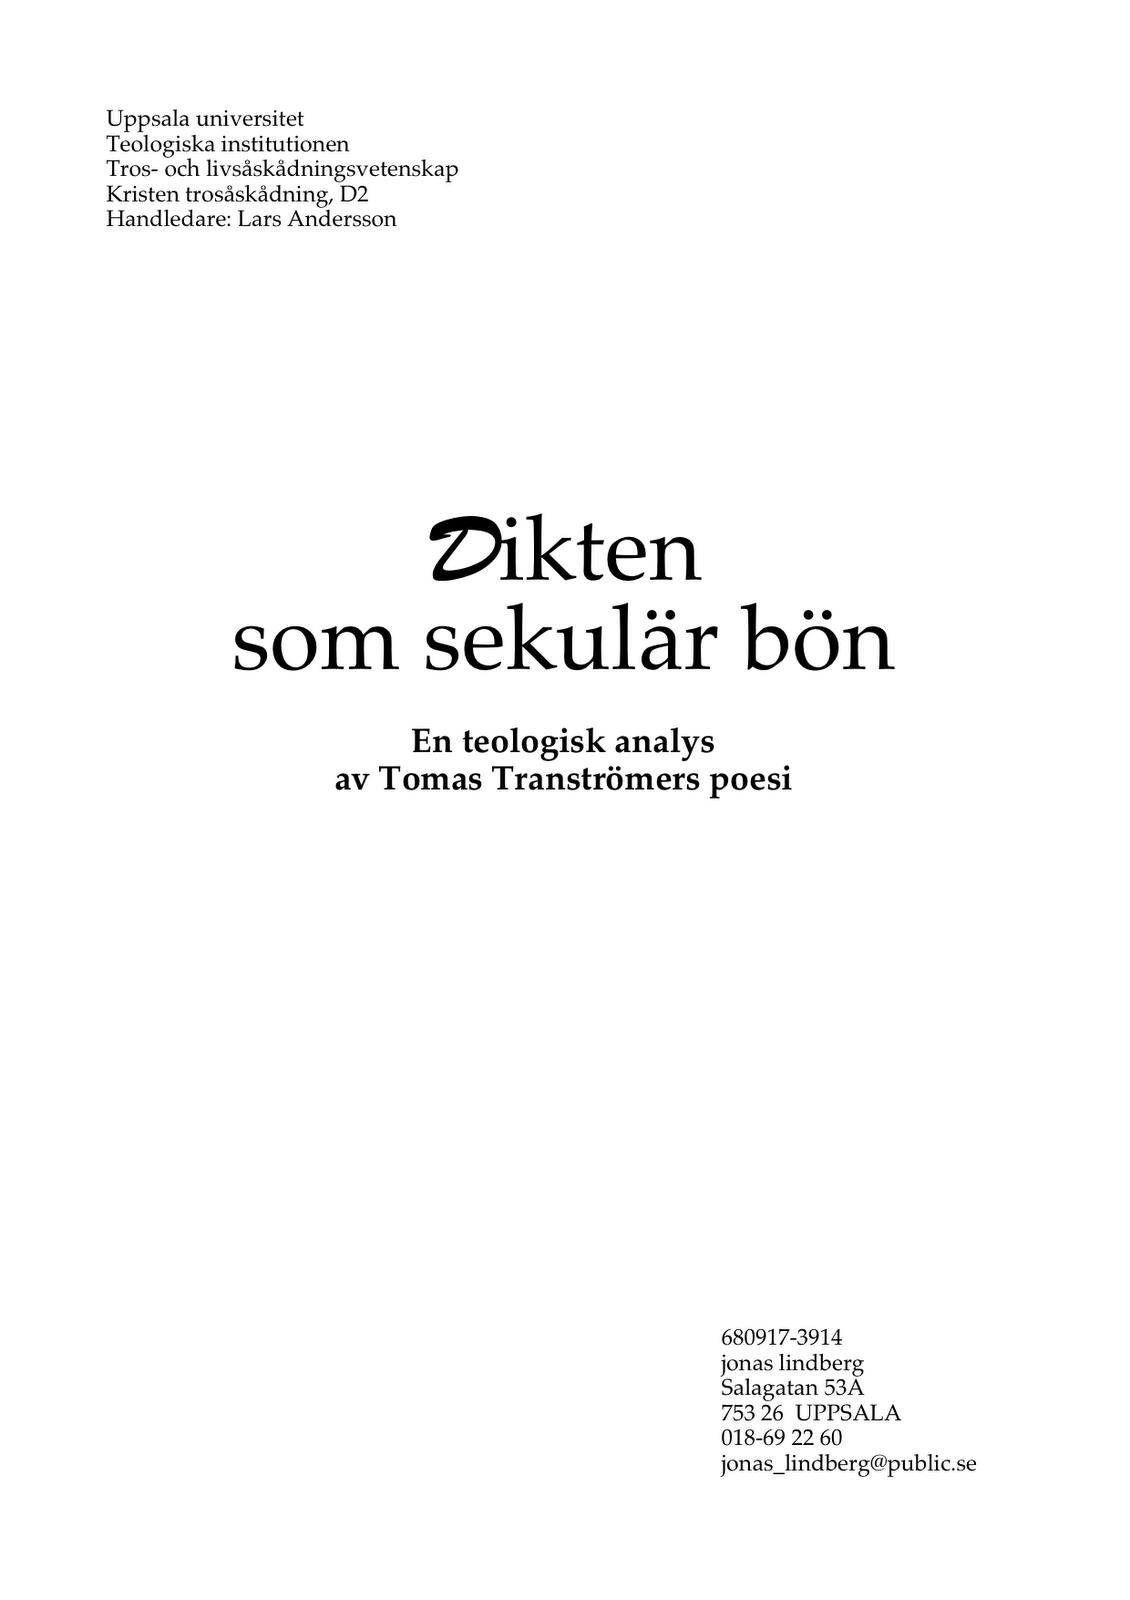 dikt begravning tranströmer